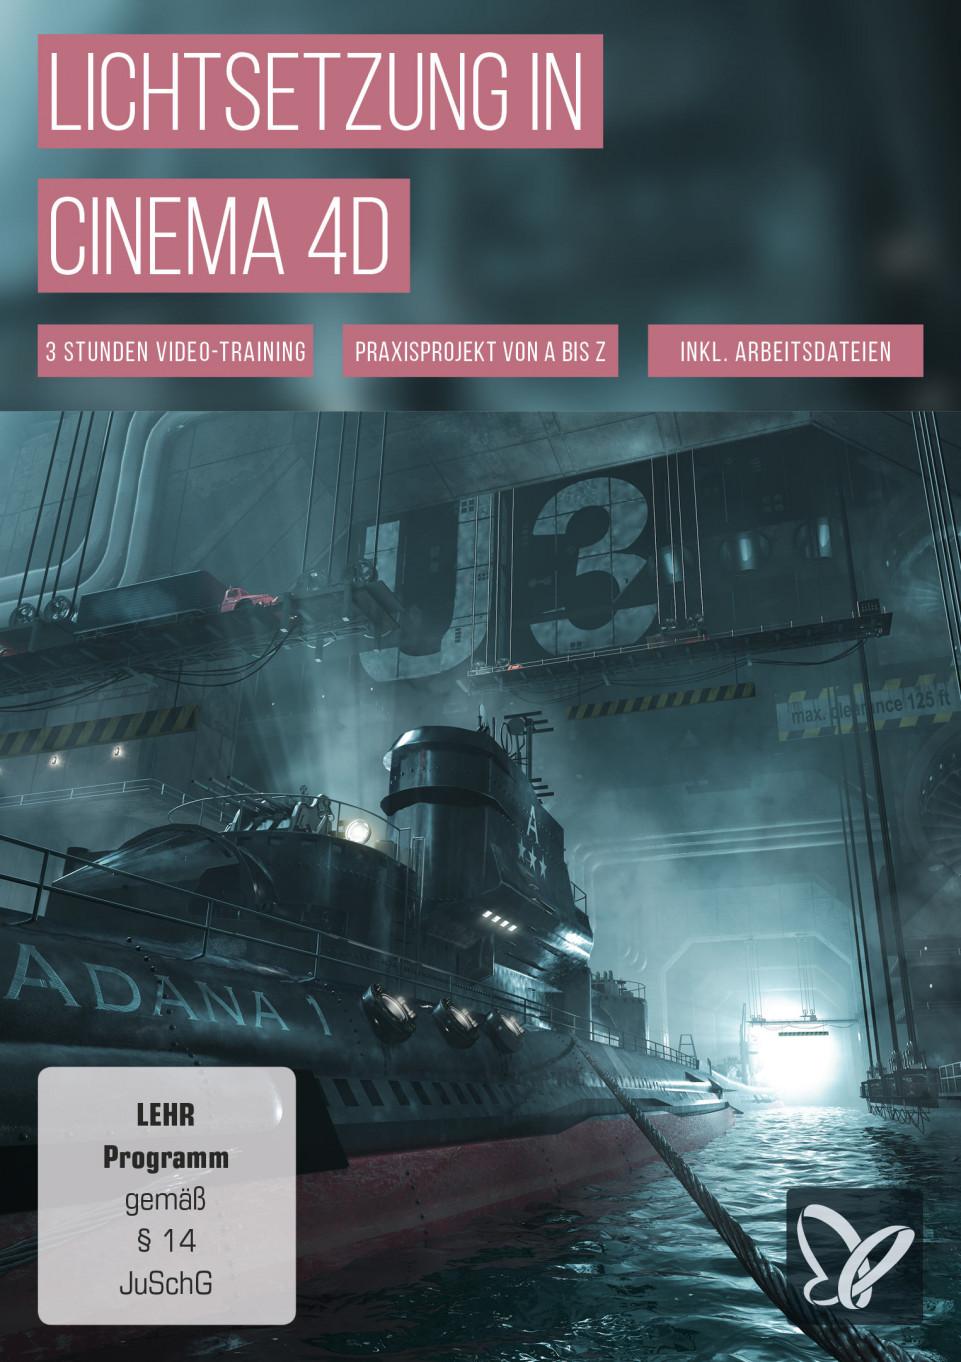 Lichtsetzung in Cinema 4D